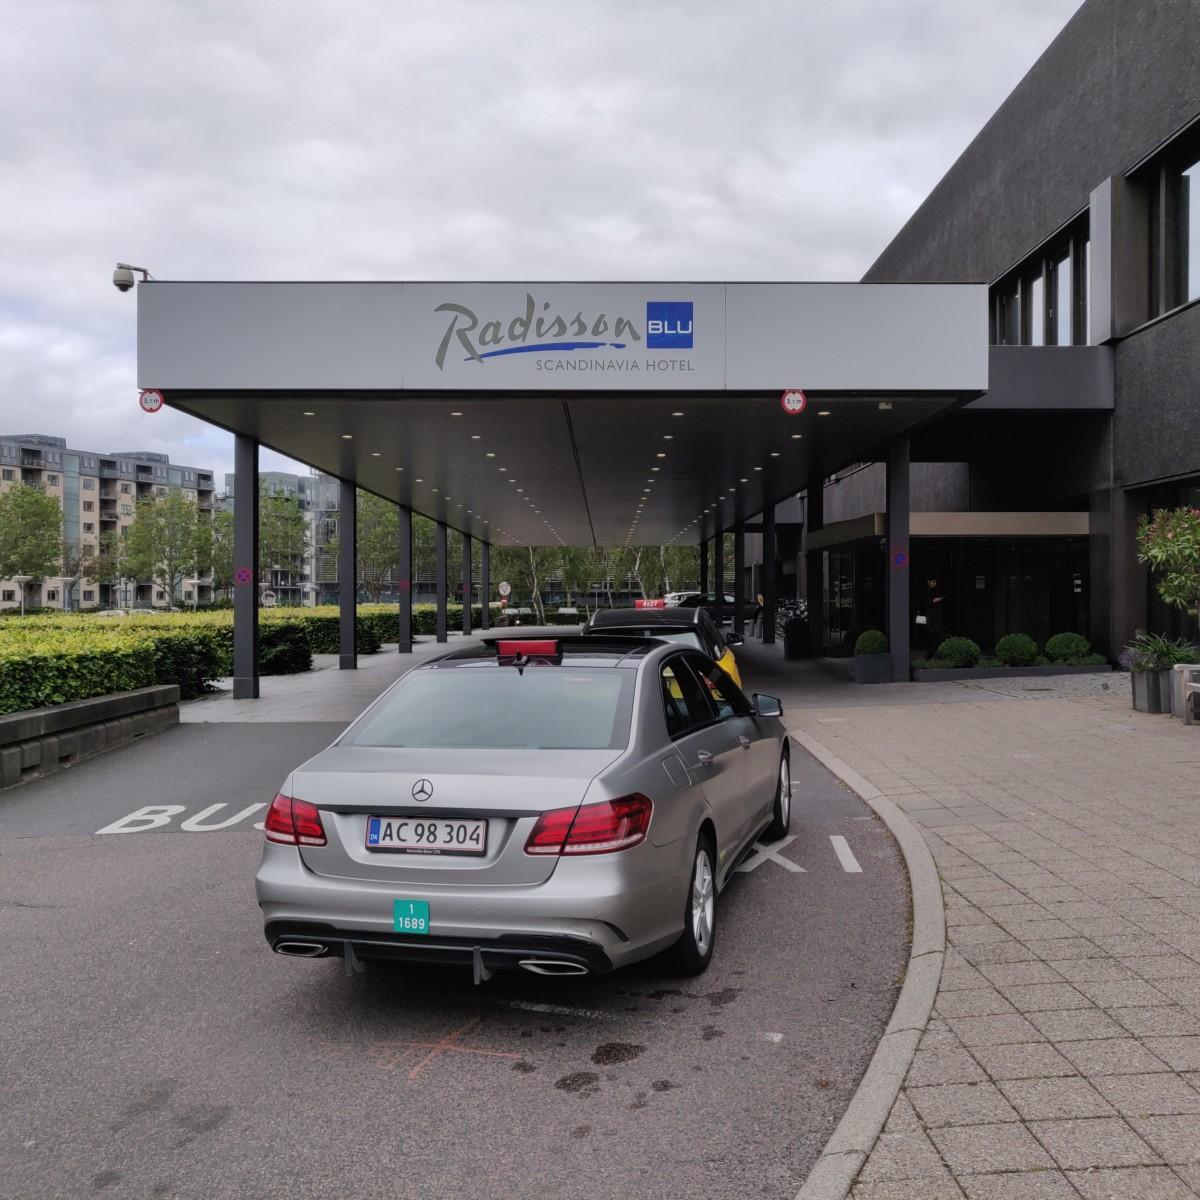 Anmeldelse: Radisson Blu Scandinavia, København - InsideFlyer DK